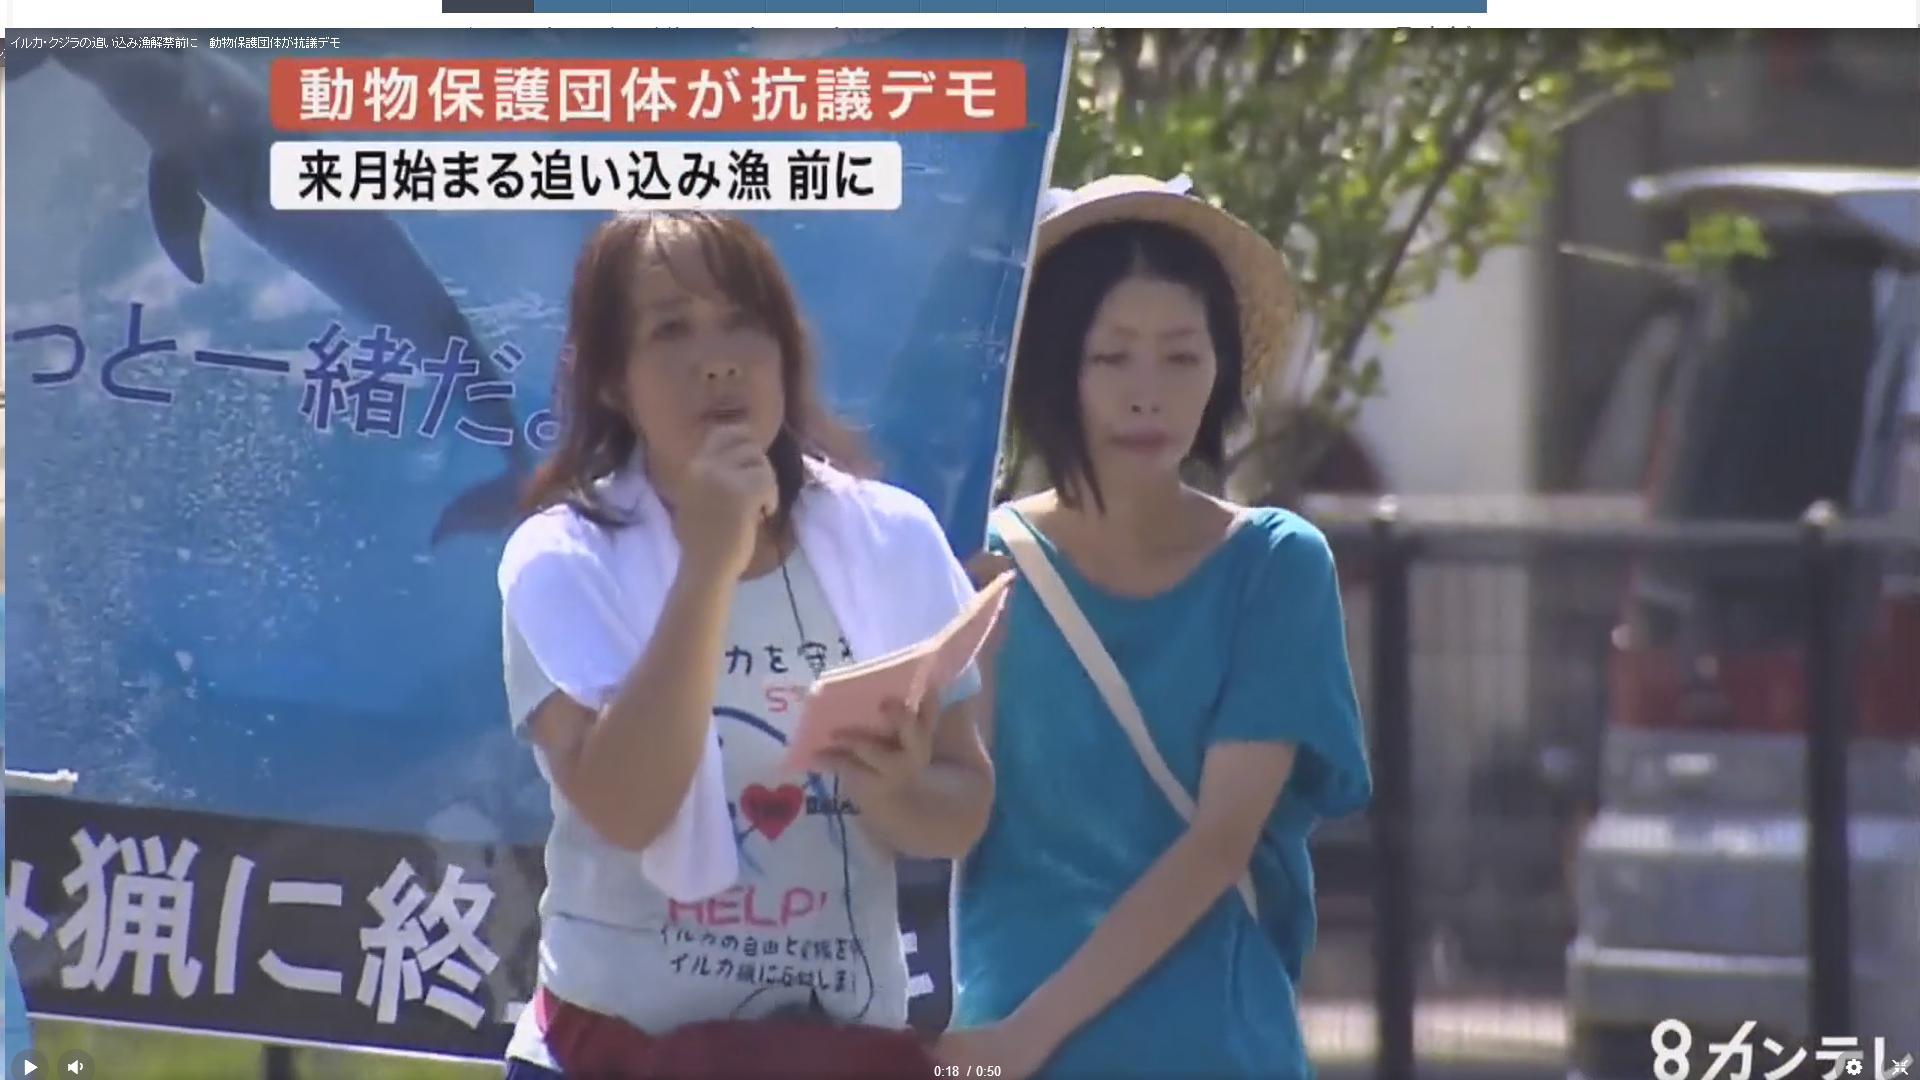 taijidemokansaiTV3.jpg